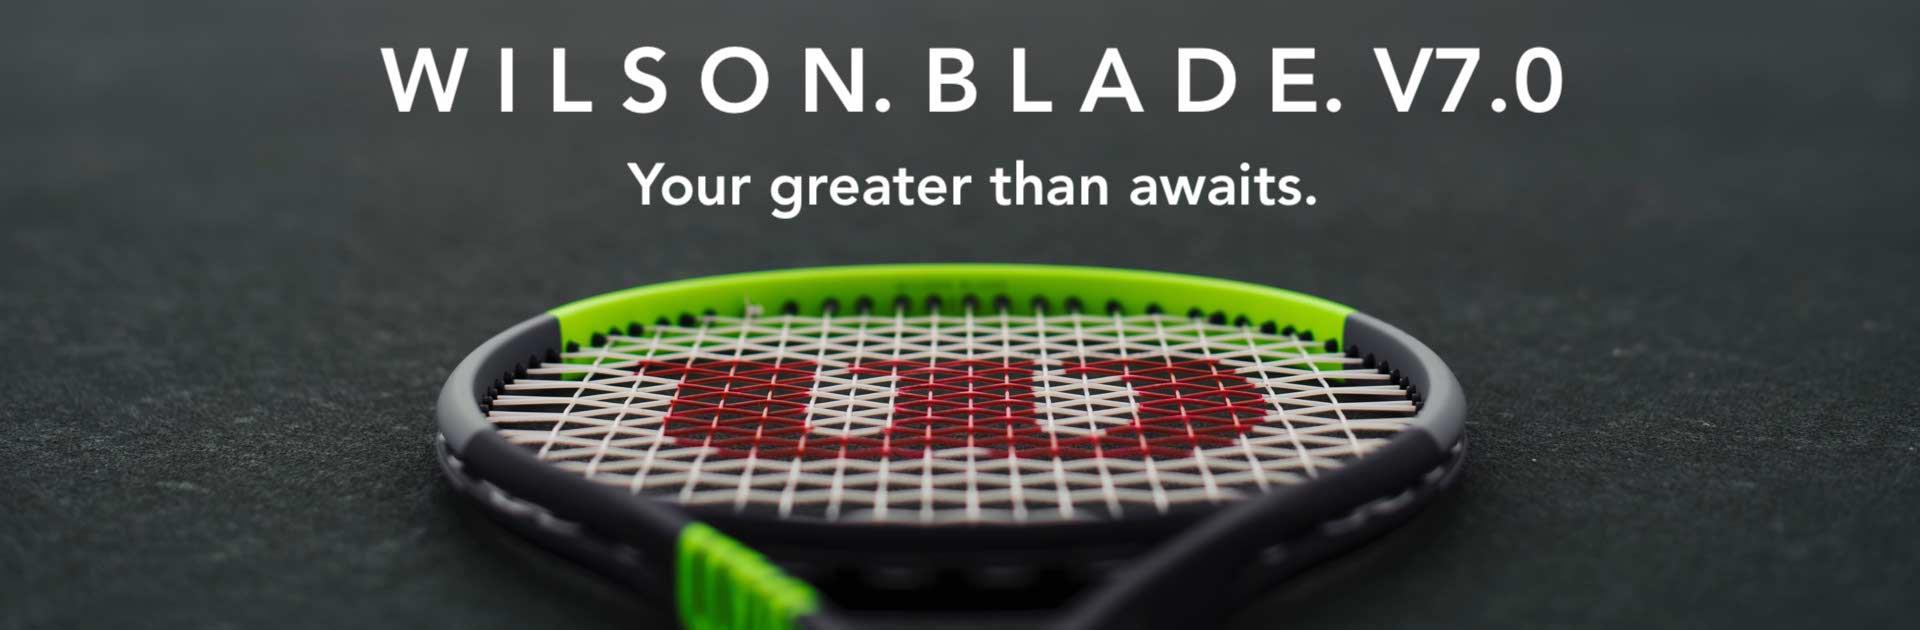 Wilson Blade v7.0 banner